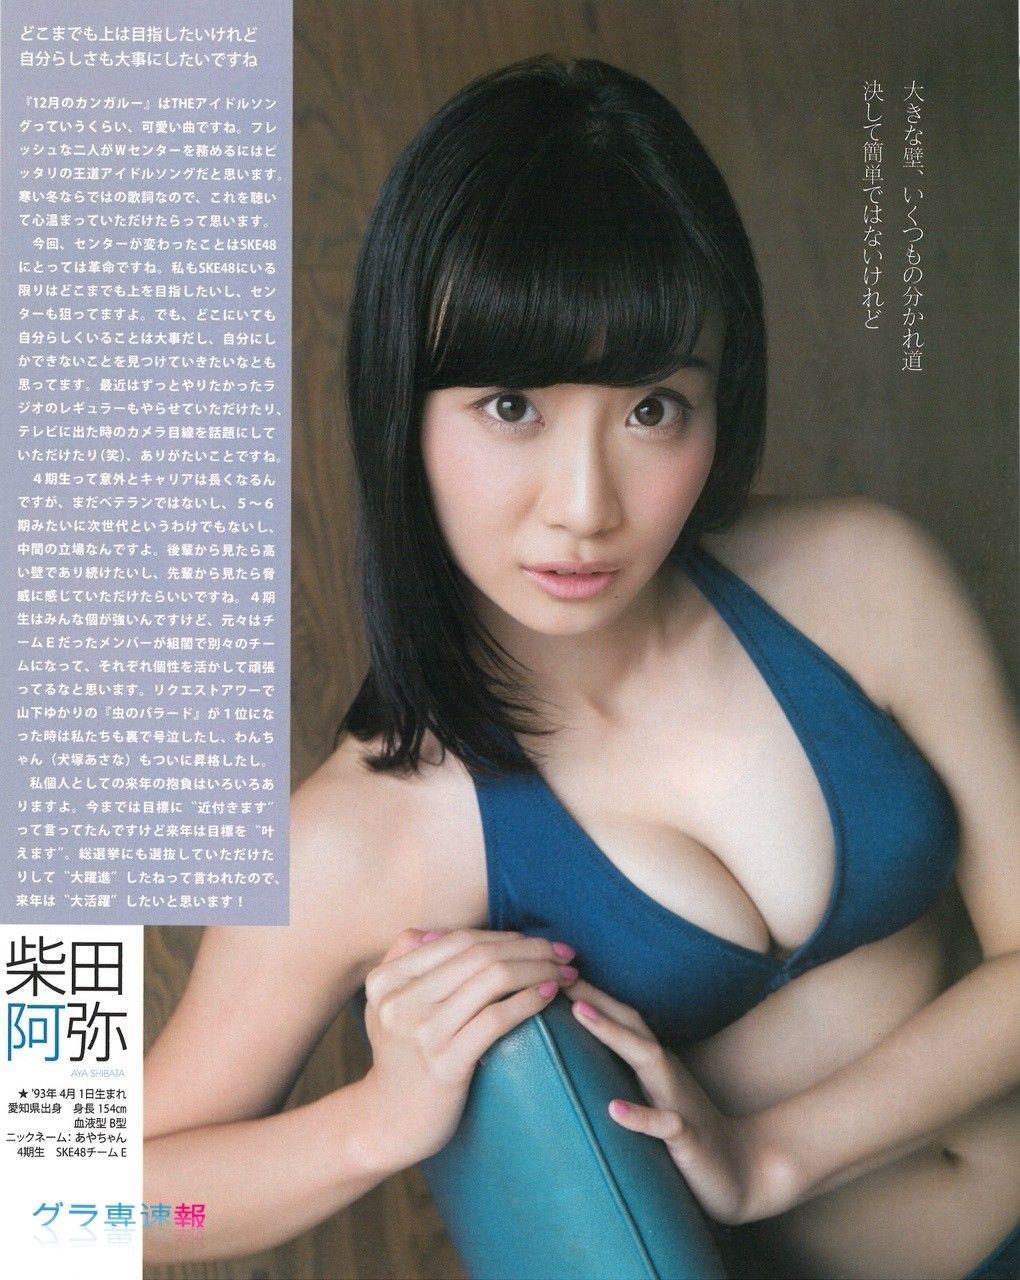 SKE48柴田阿弥の下着丸見えパンチラエロ画像が抜ける